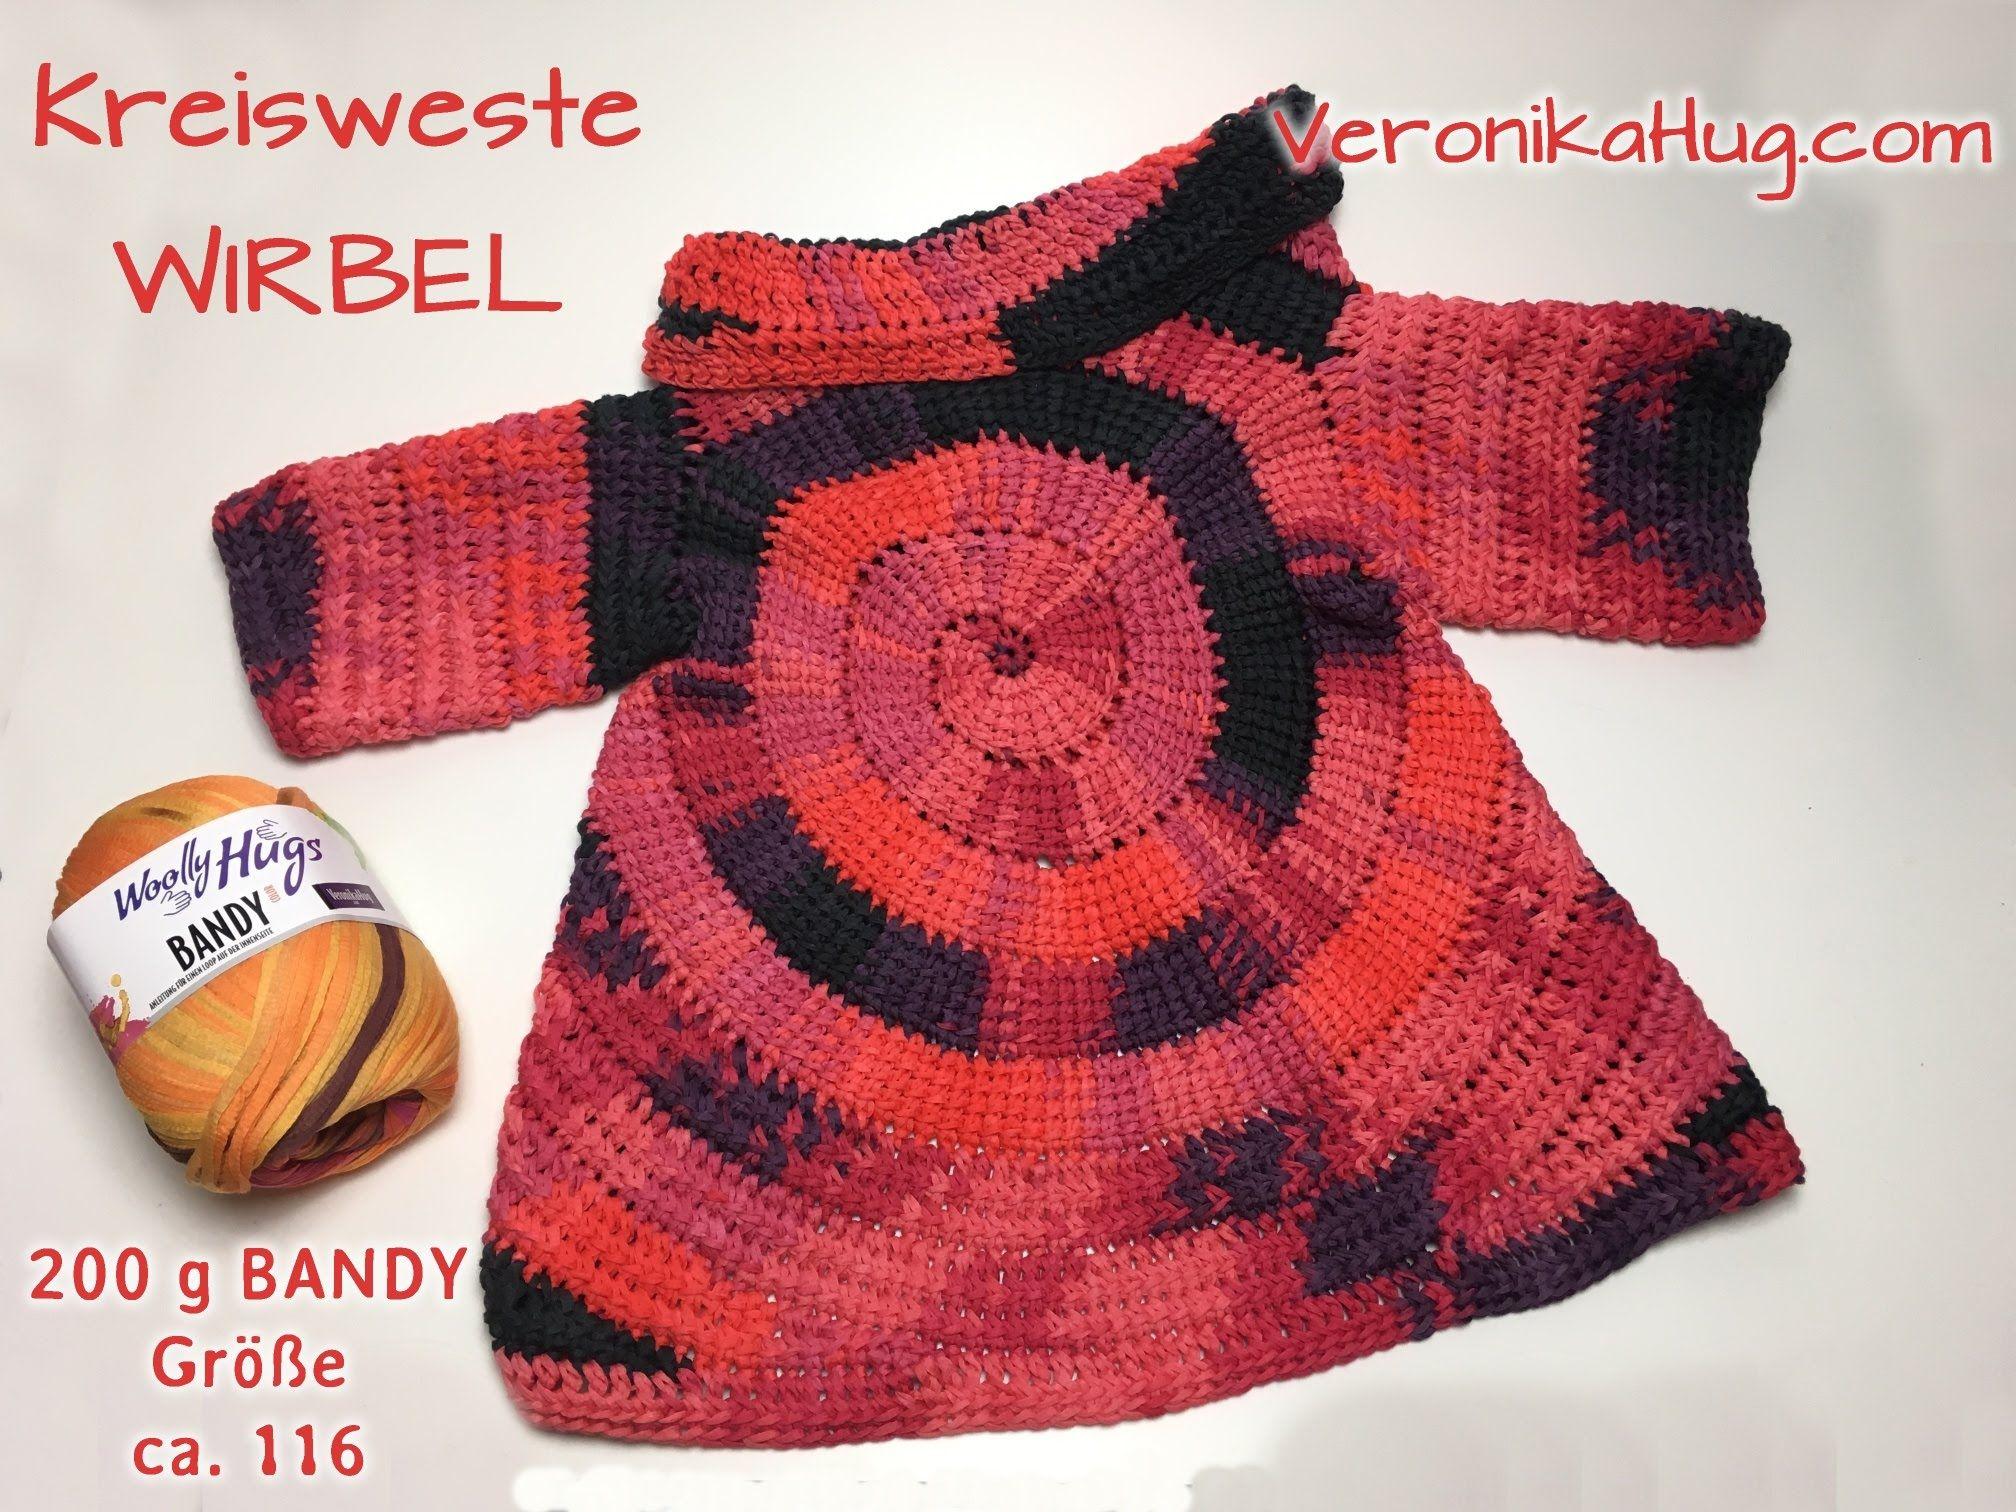 Kreisweste WIRBEL - Kindergröße - Woolly Hugs BANDY Veronika Hug ...